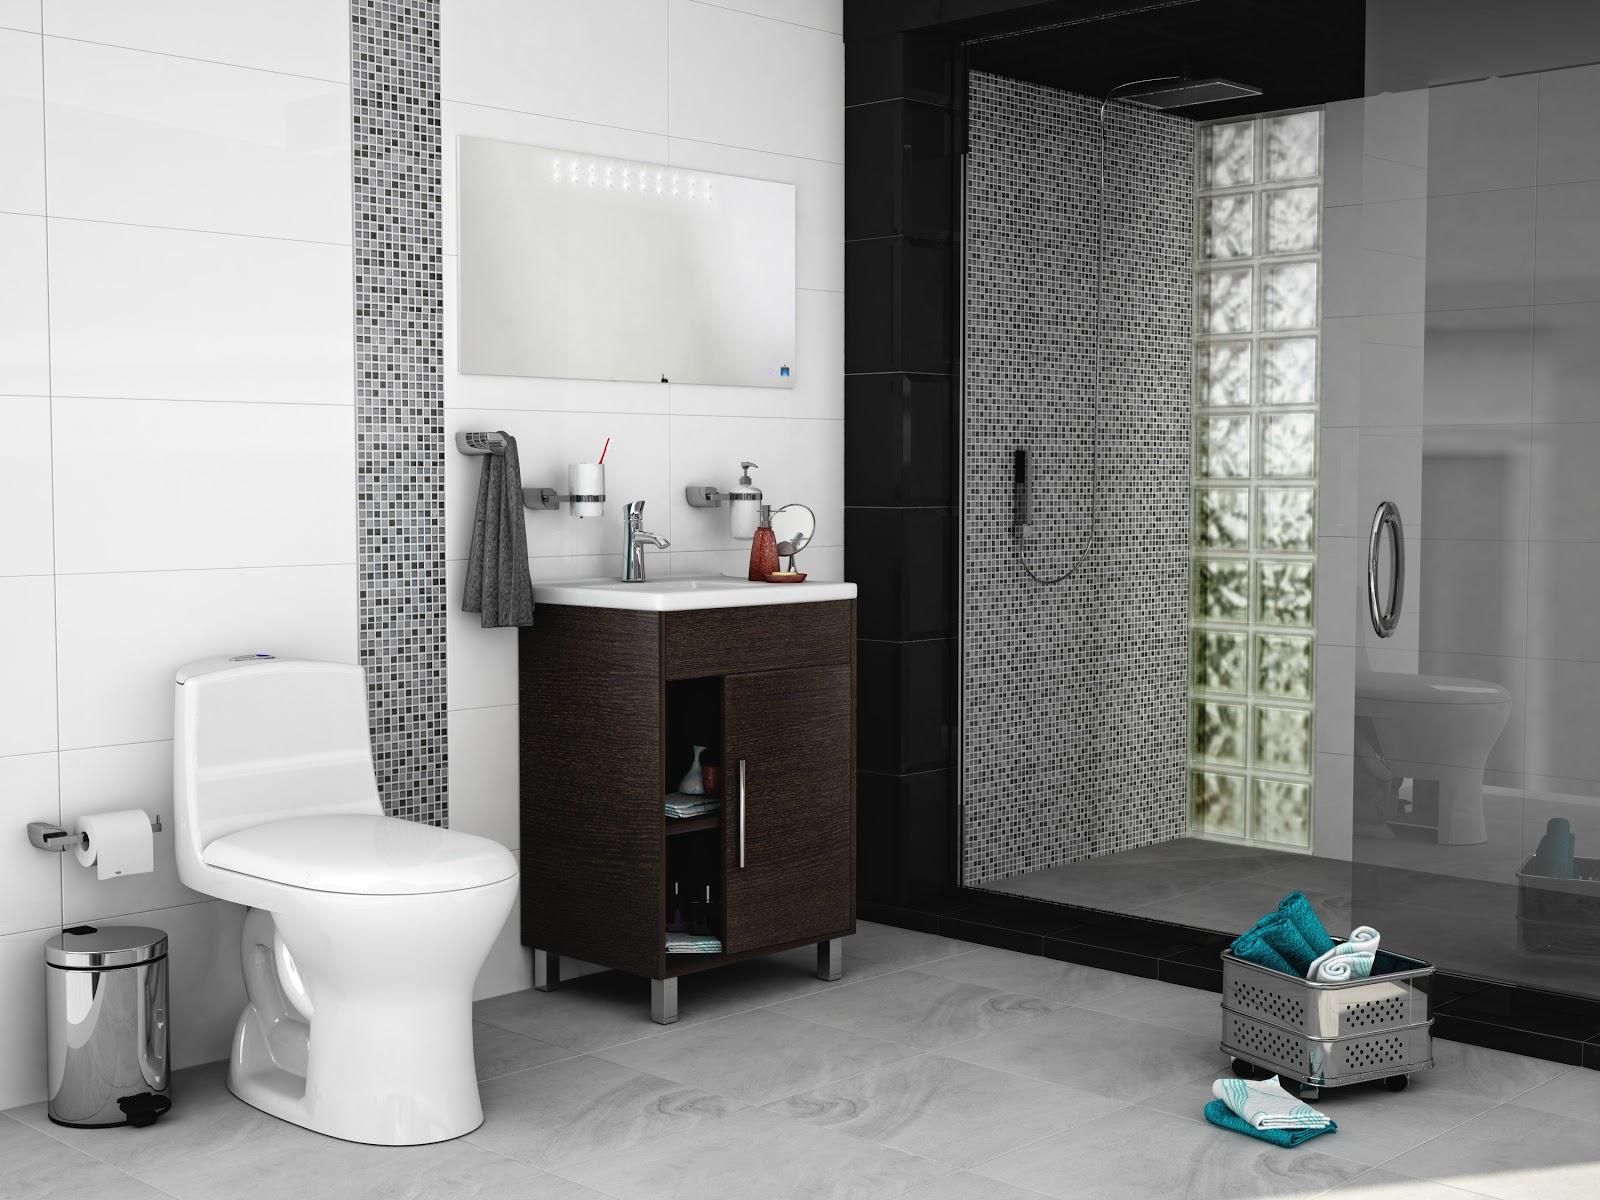 Ideas Para Decorar Baños Ceramica:Corona Mejora tu Vida: Crescento, la mejor propuesta en sanitarios